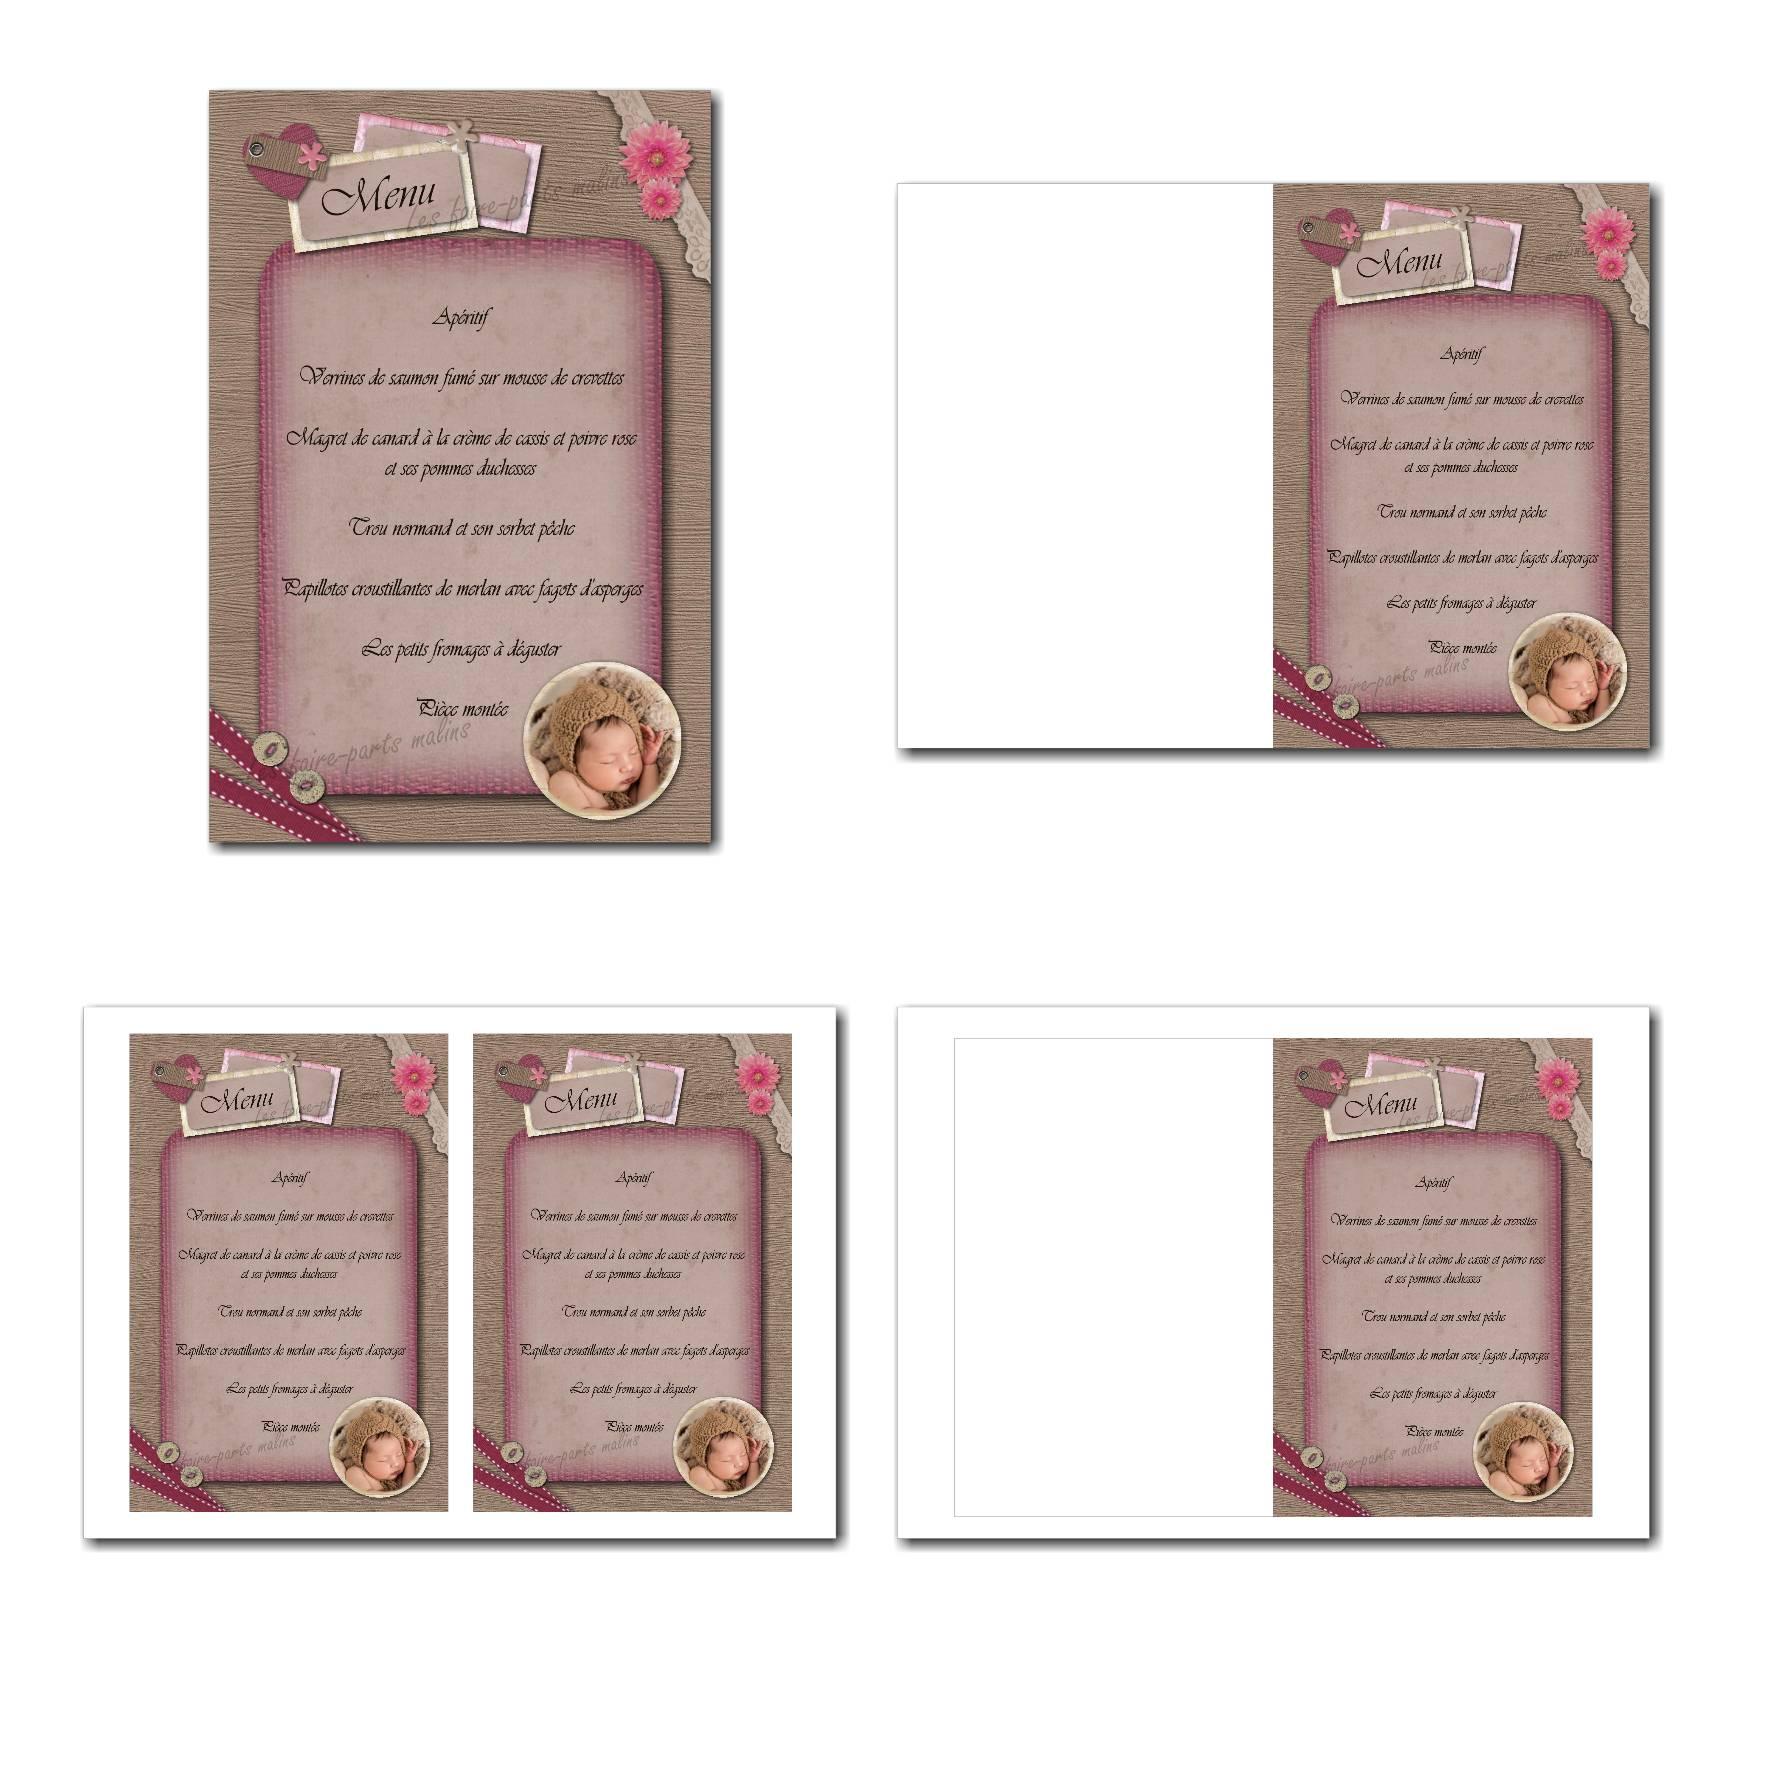 carte de menu illimité marron et vieux rose avec ruban